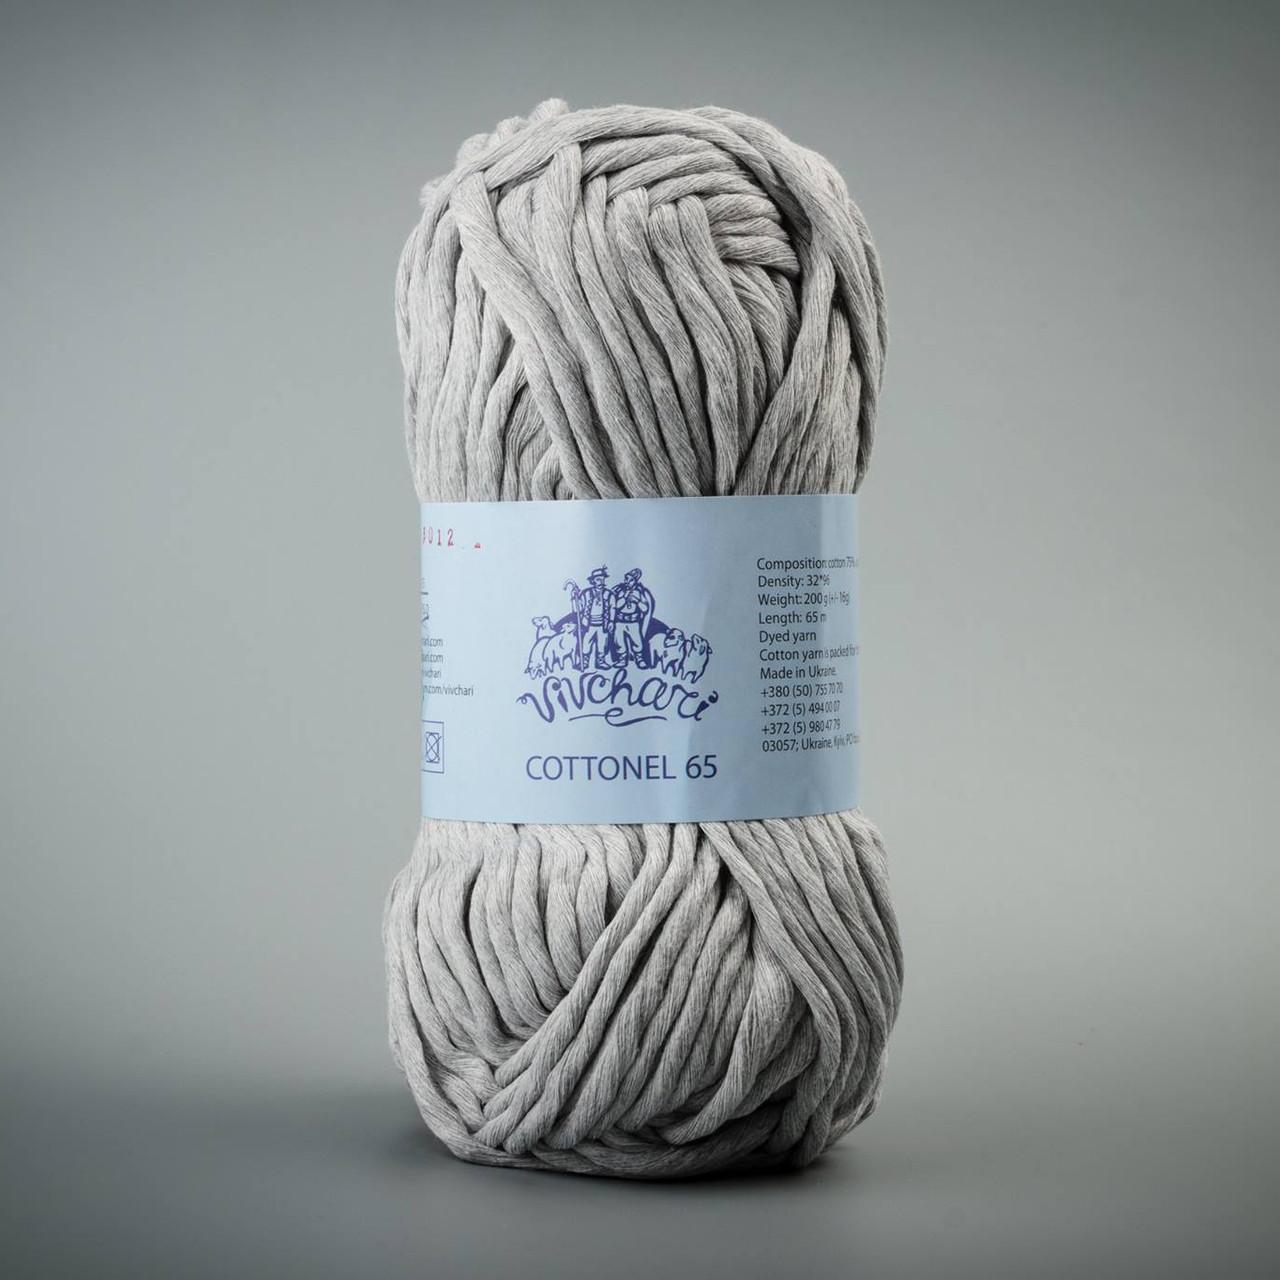 Летняя пряжа Коттонель 65 Vivchari, цвет Светло-серый